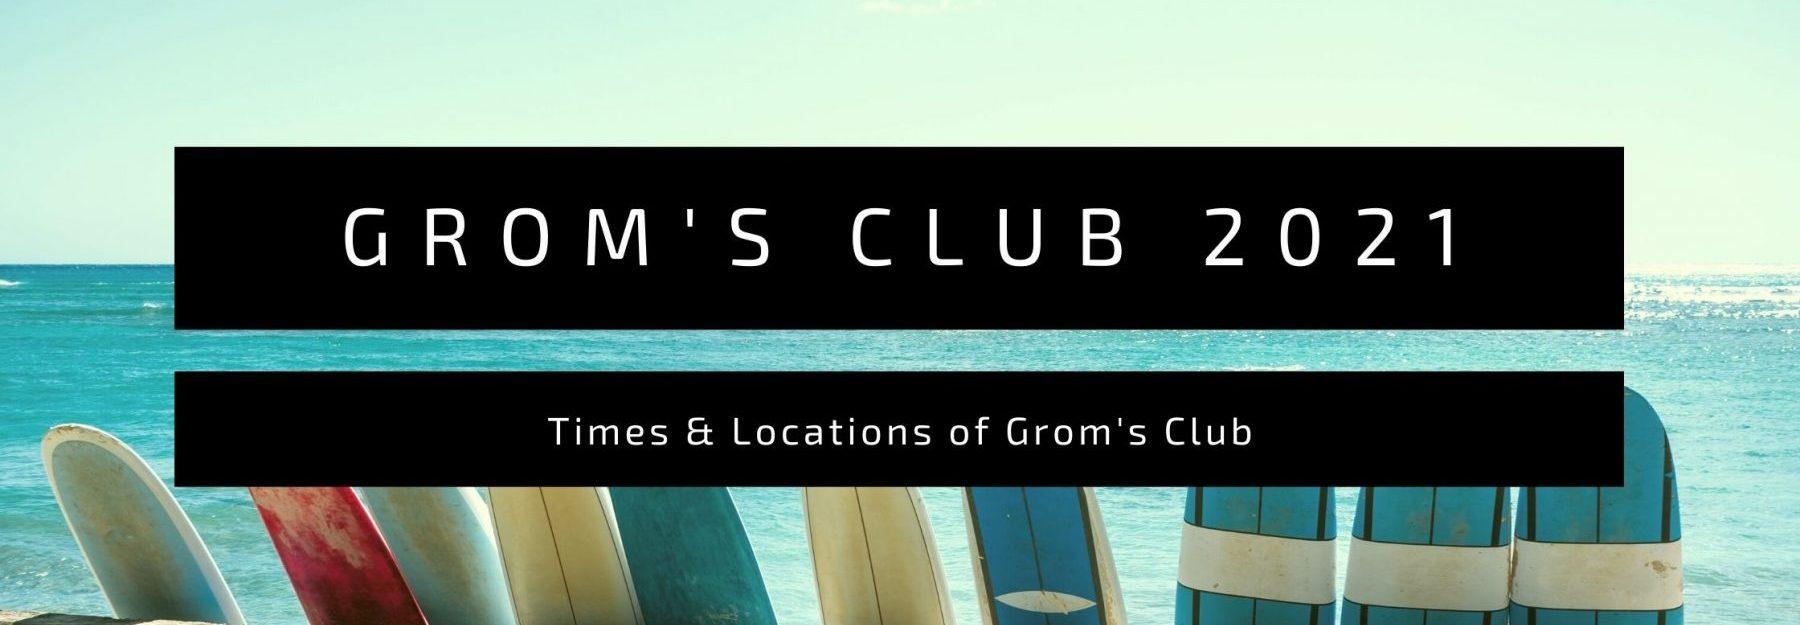 fistral beach groms club